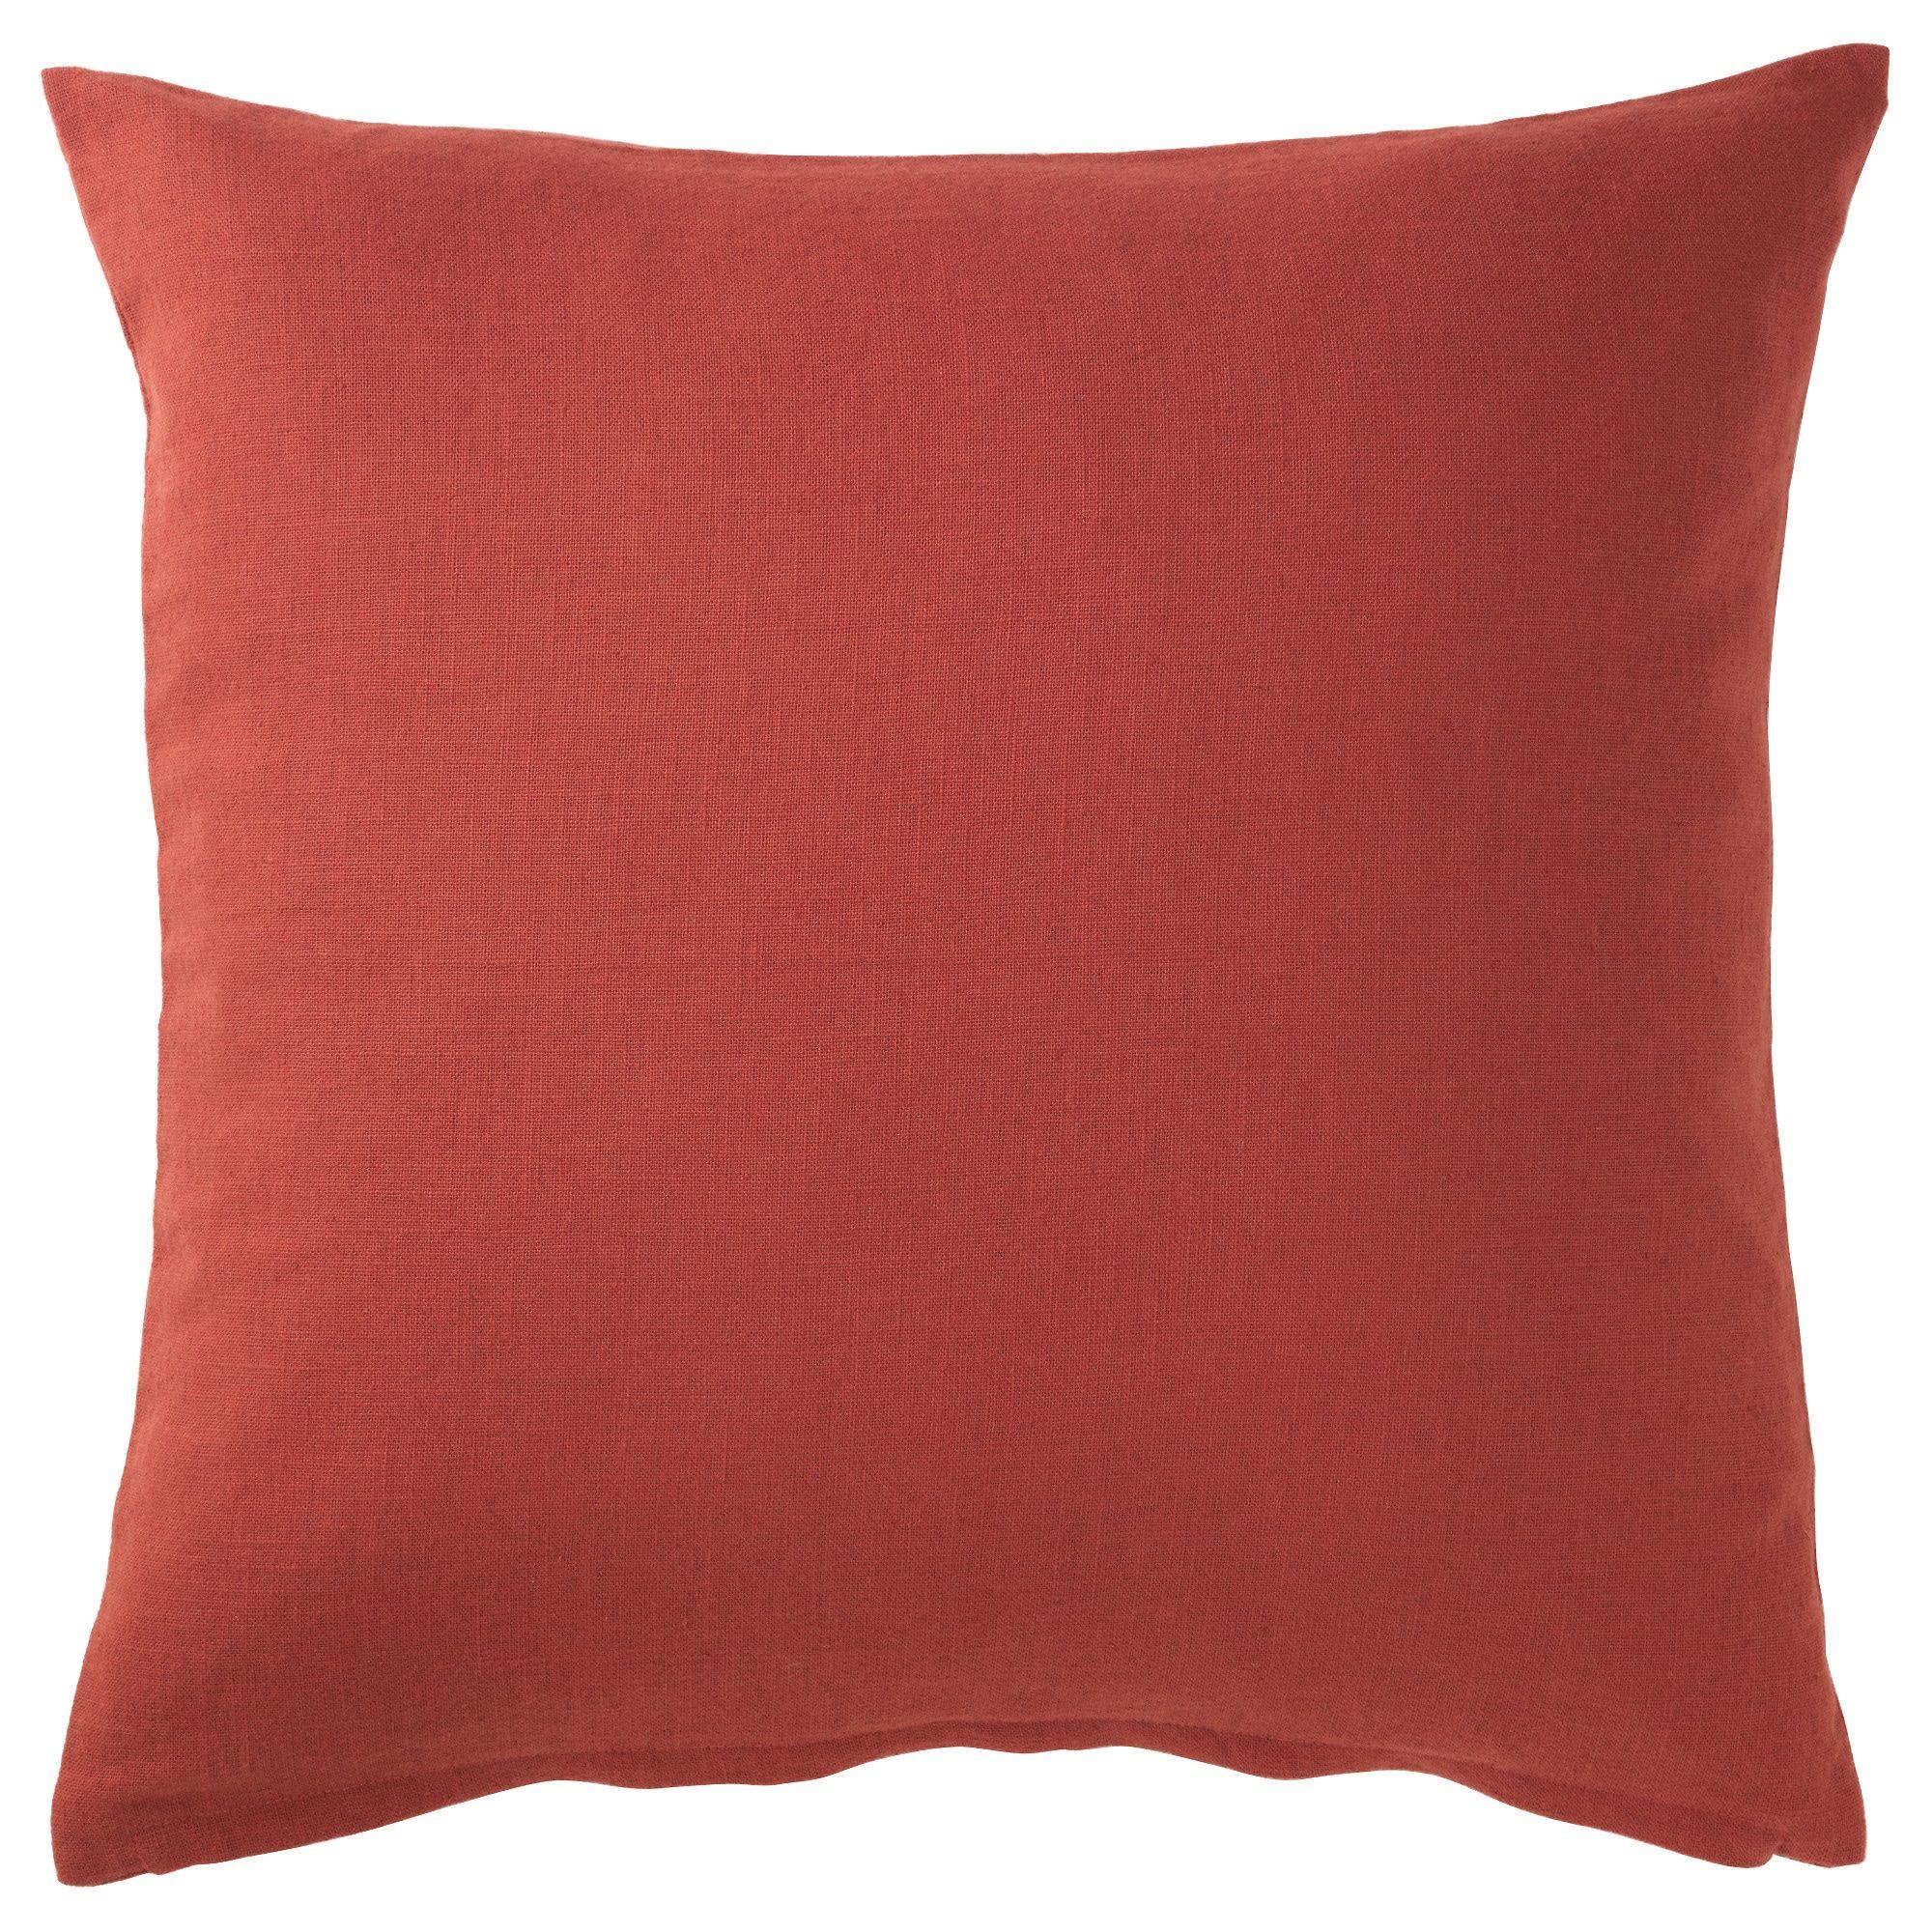 Vigdis Cushion Cover Red Orange Ikea Cushion Cover Ikea Throws Ikea